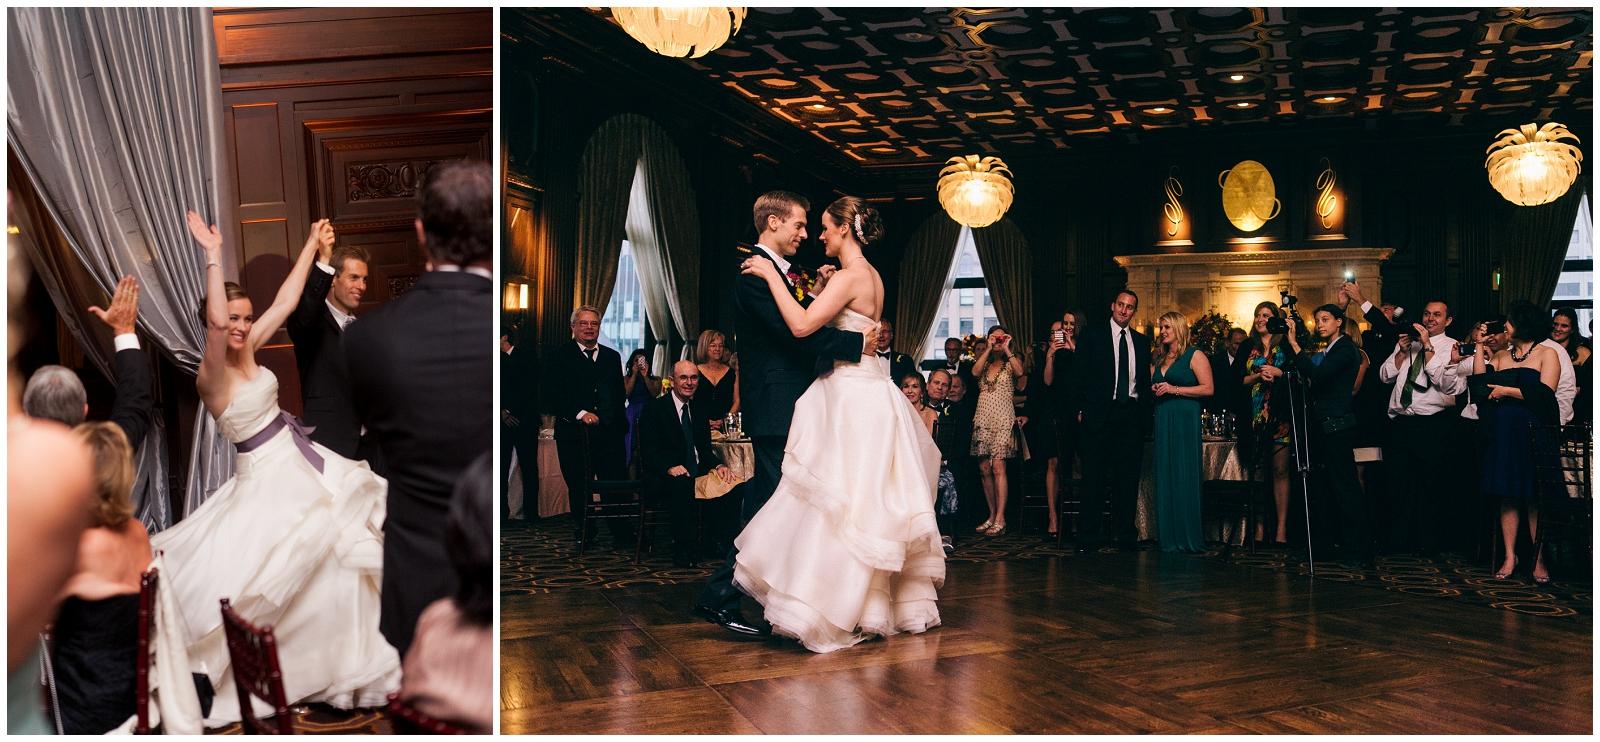 San-Francisco-Bay-Area-Wedding-Photography-Julia-Morgan-Ballroom-7.jpg